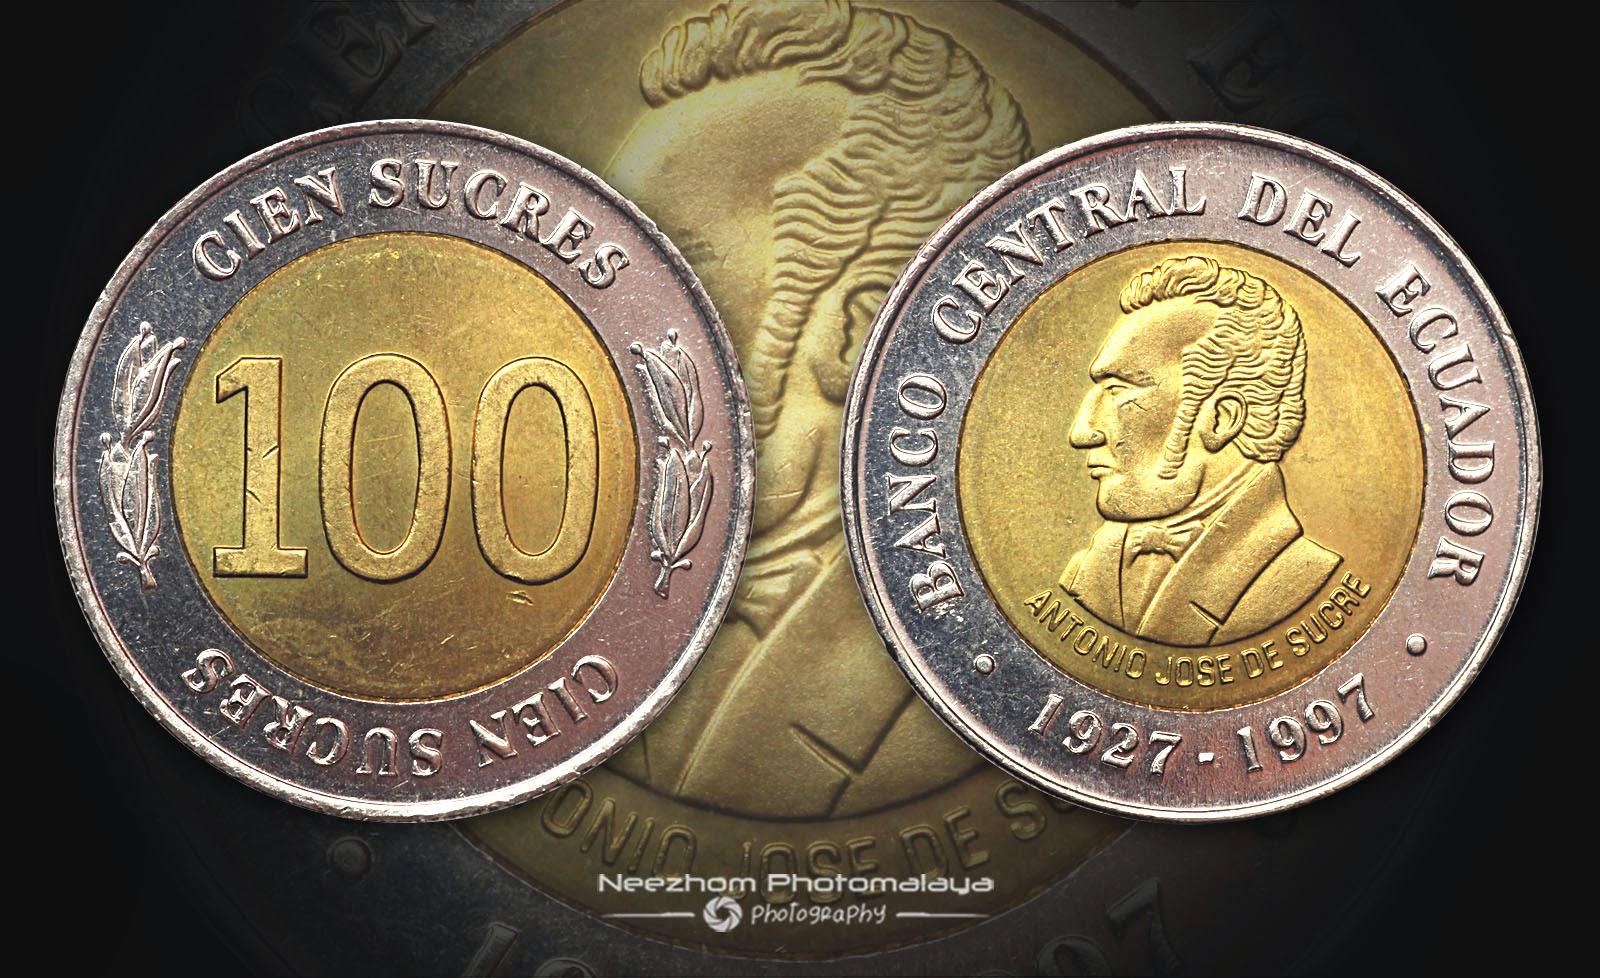 Ecuador bi metal coin 100 Sucres 1997